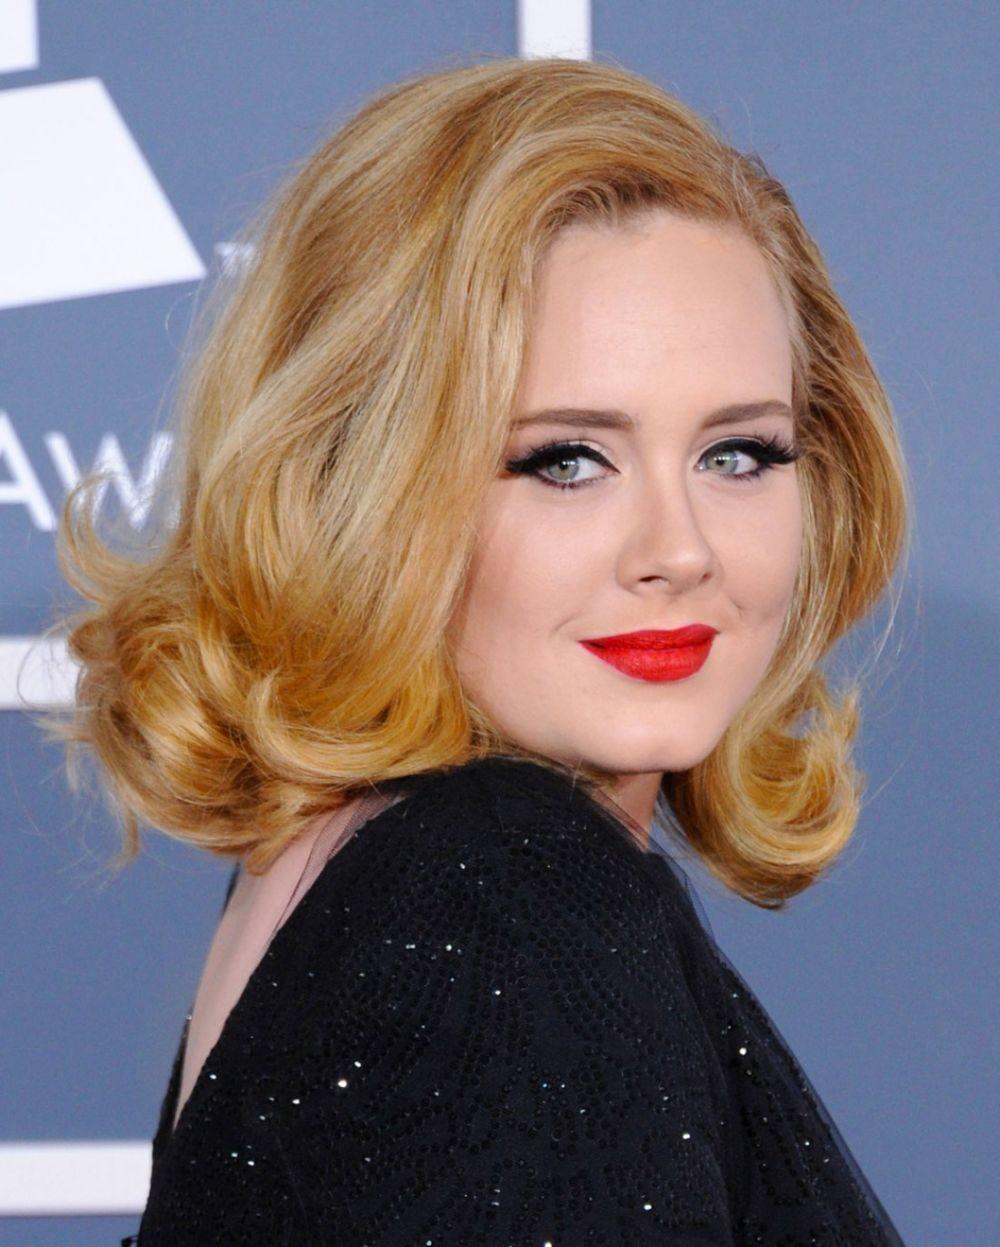 красивая стрижка на средние волосы 2018 женские. Круглое лицо